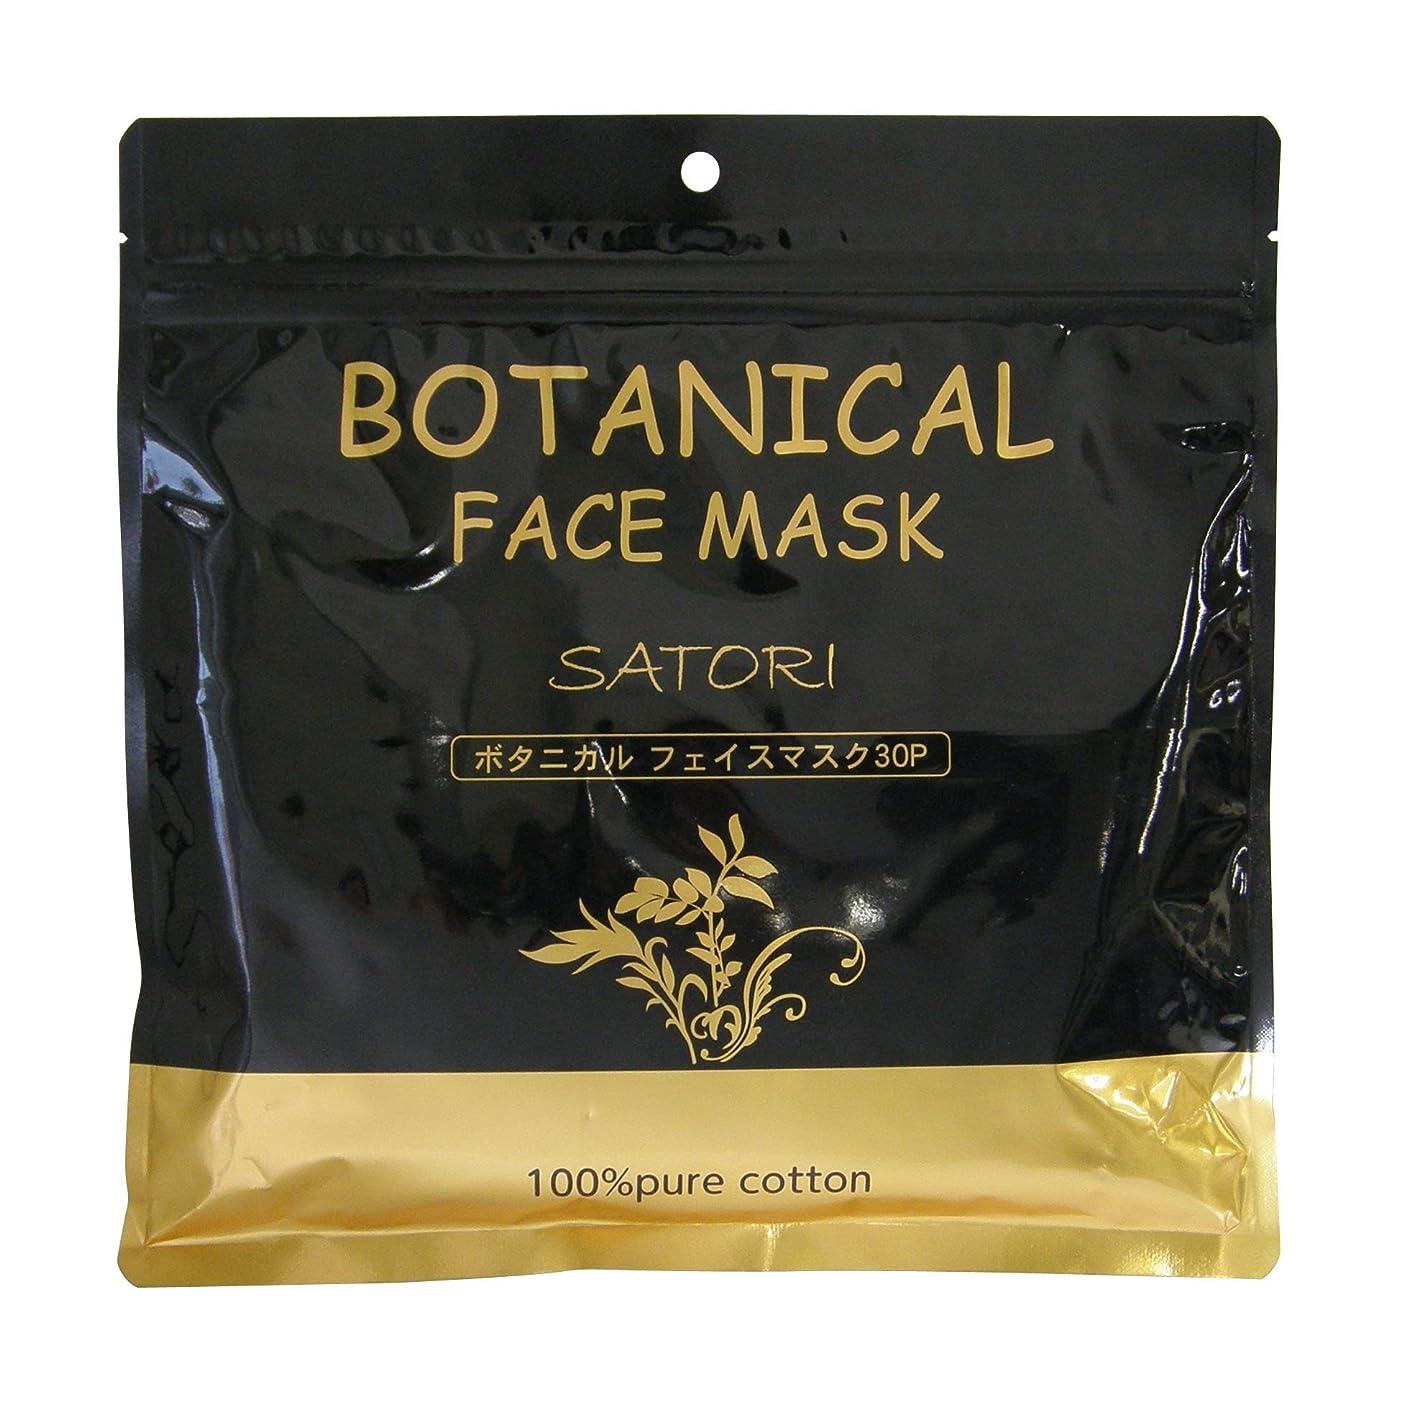 効率的に名前を作る戸棚ボタニカル フェイスマスク 30枚入